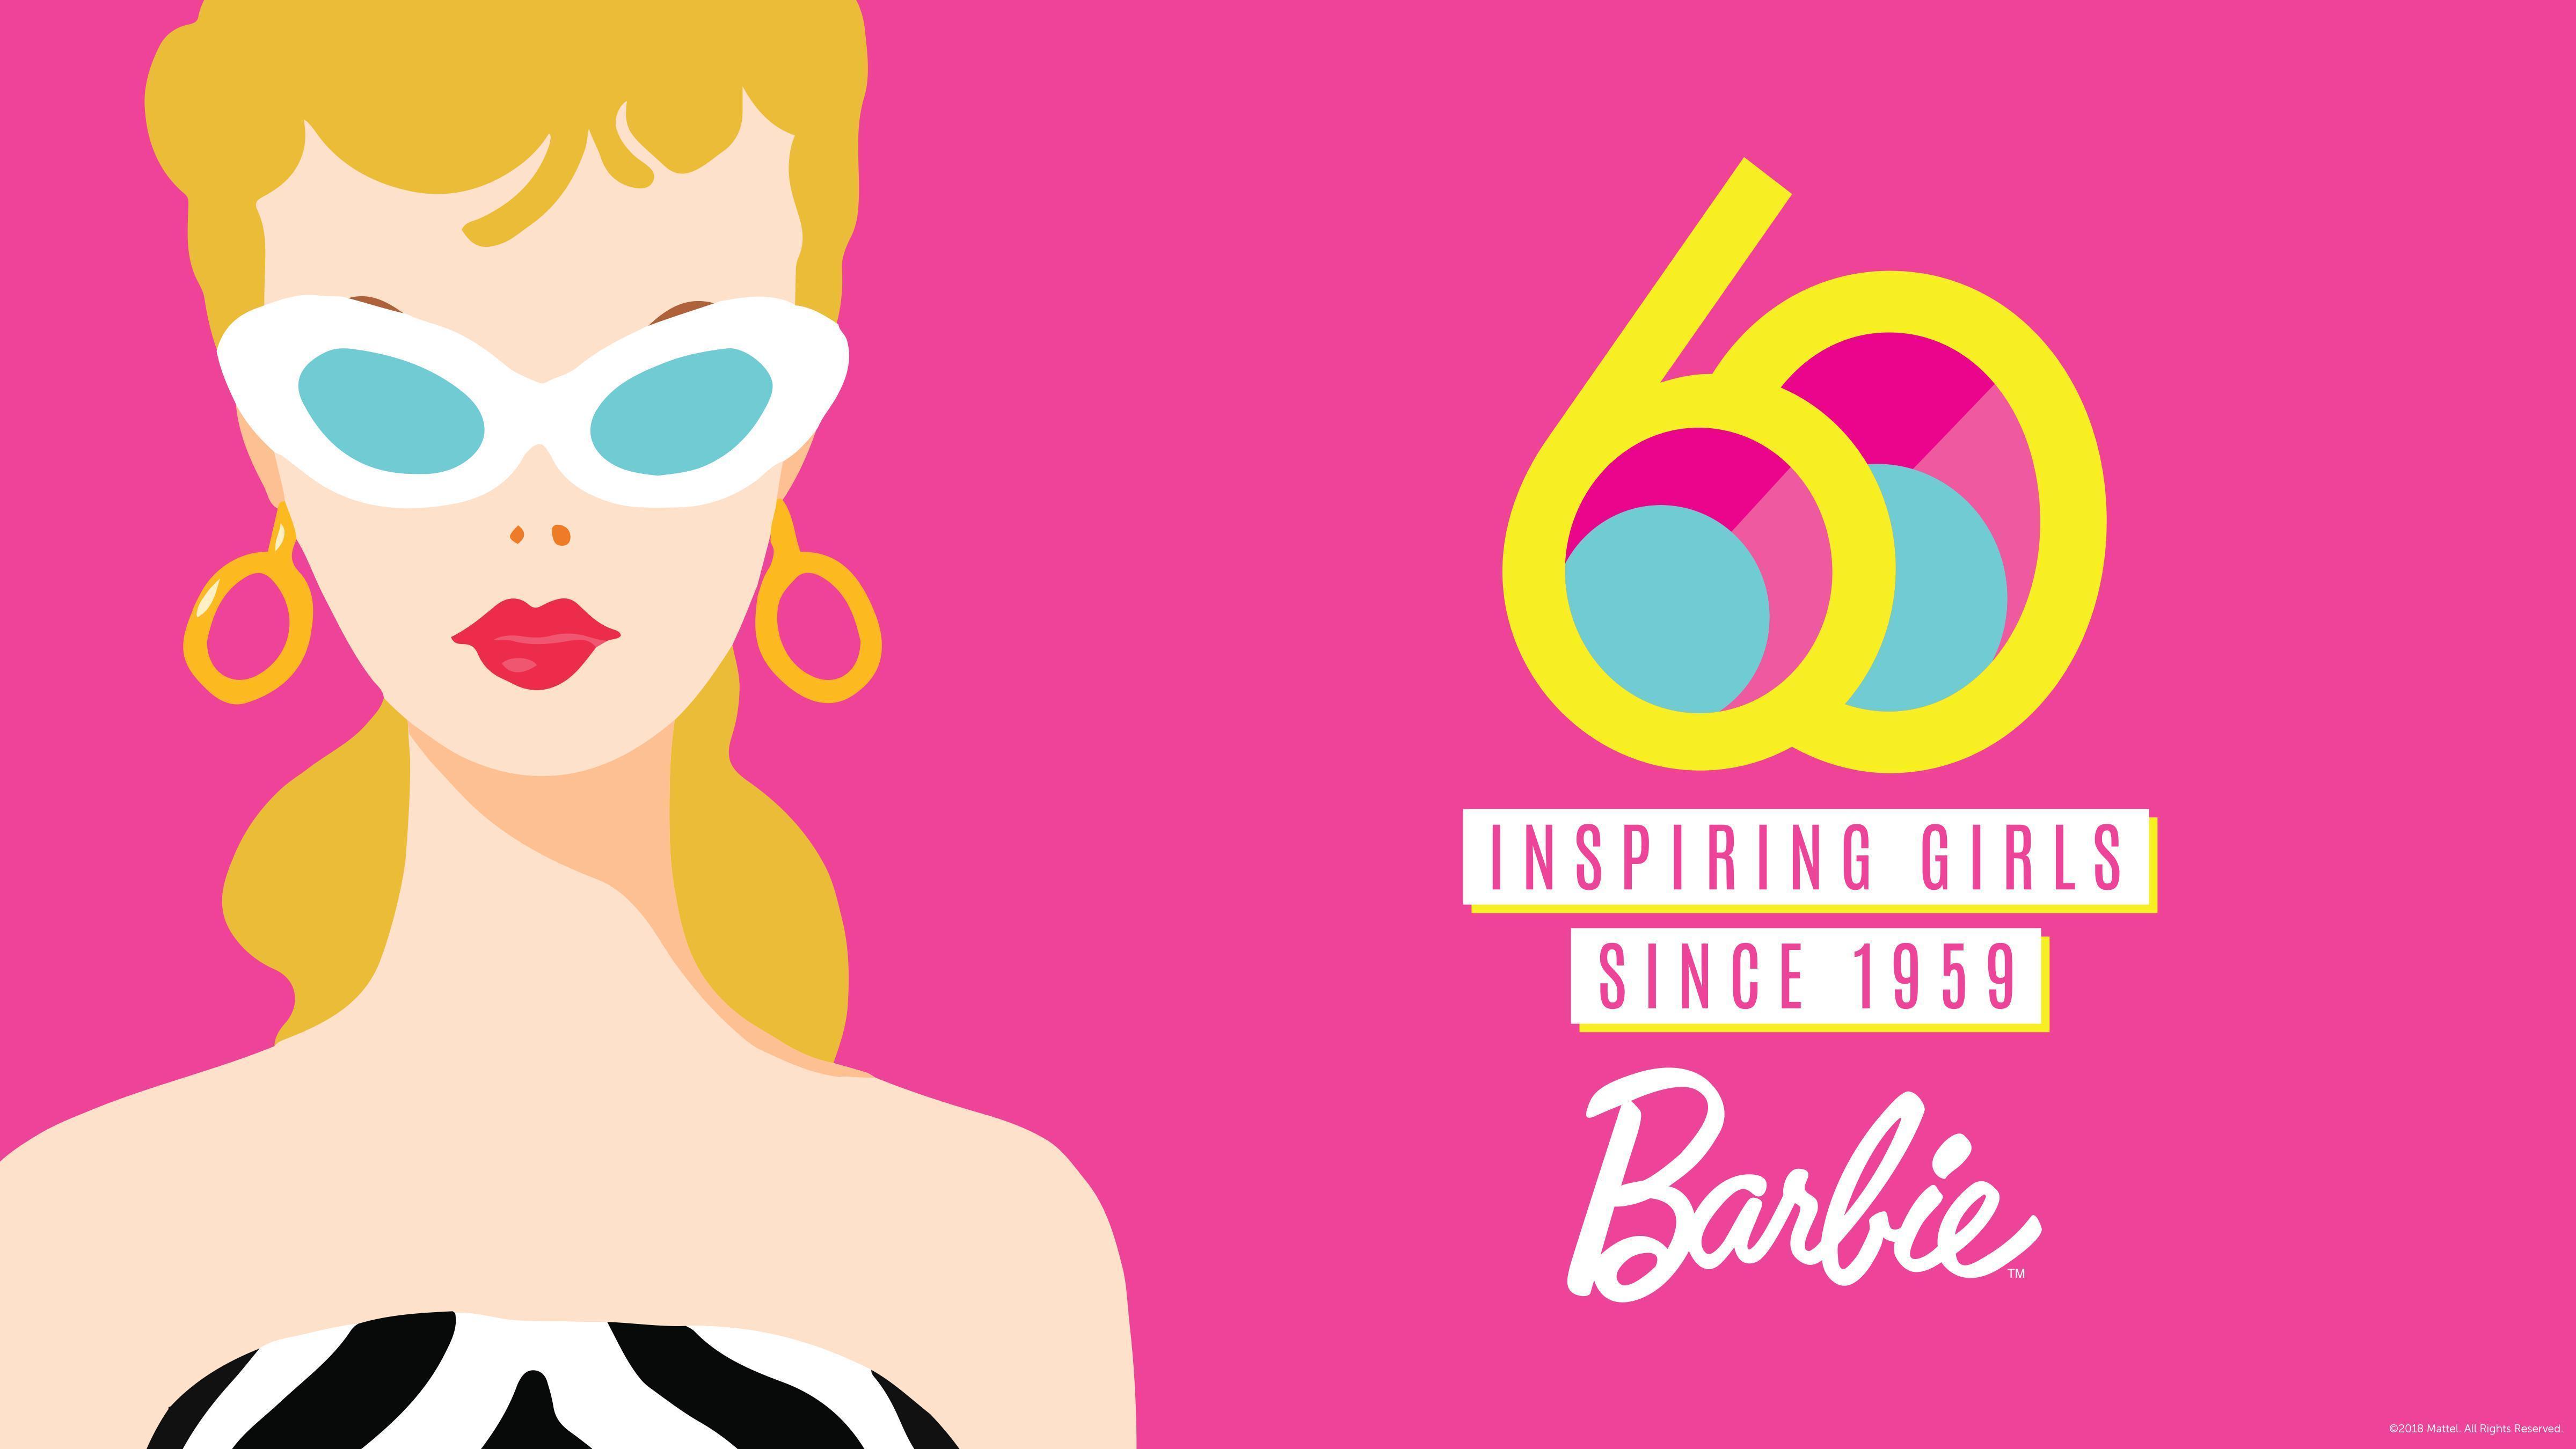 芭比携手陈漫 致敬女性模范、见证六十年无限可能